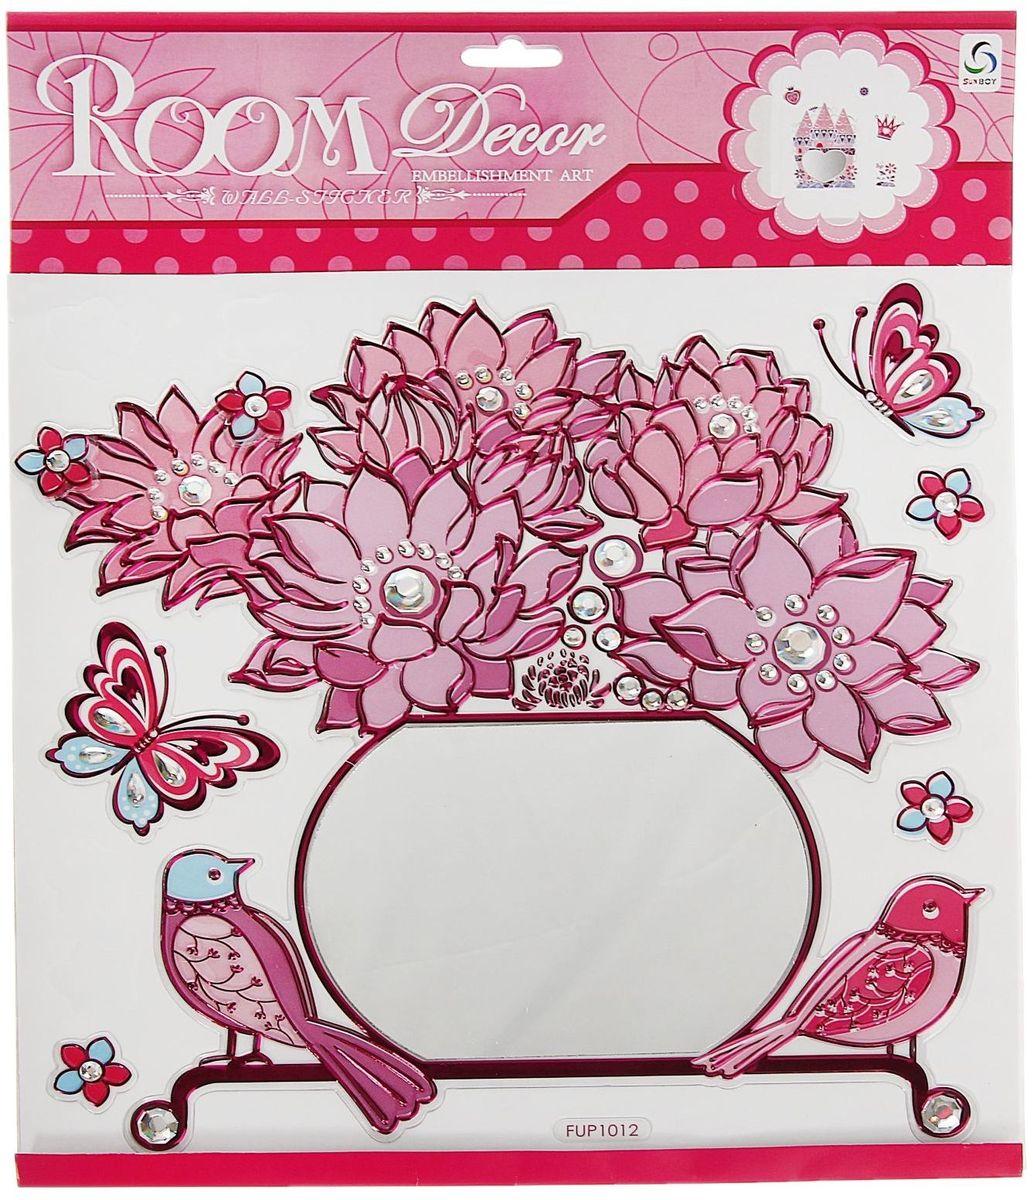 Room Decoration Наклейка зеркальная Ваза с цветами850087Такая эффектная наклейка зеркальная Ваза с цветами не доставит особых хлопот с ее нанесением на поверхность. Её можно наклеить на стены в детской, спальной или прихожей, на скрап-изделие, предметы интерьера и многое другое. Стоит отметить, что это не просто обычная наклейка, ее поверхность создана из специального материала, который зрительно расширяет всю композицию. Благодаря этому она становится светлей и переливается в лучах света. Разработайте собственный стиль в дизайне любой комнаты!